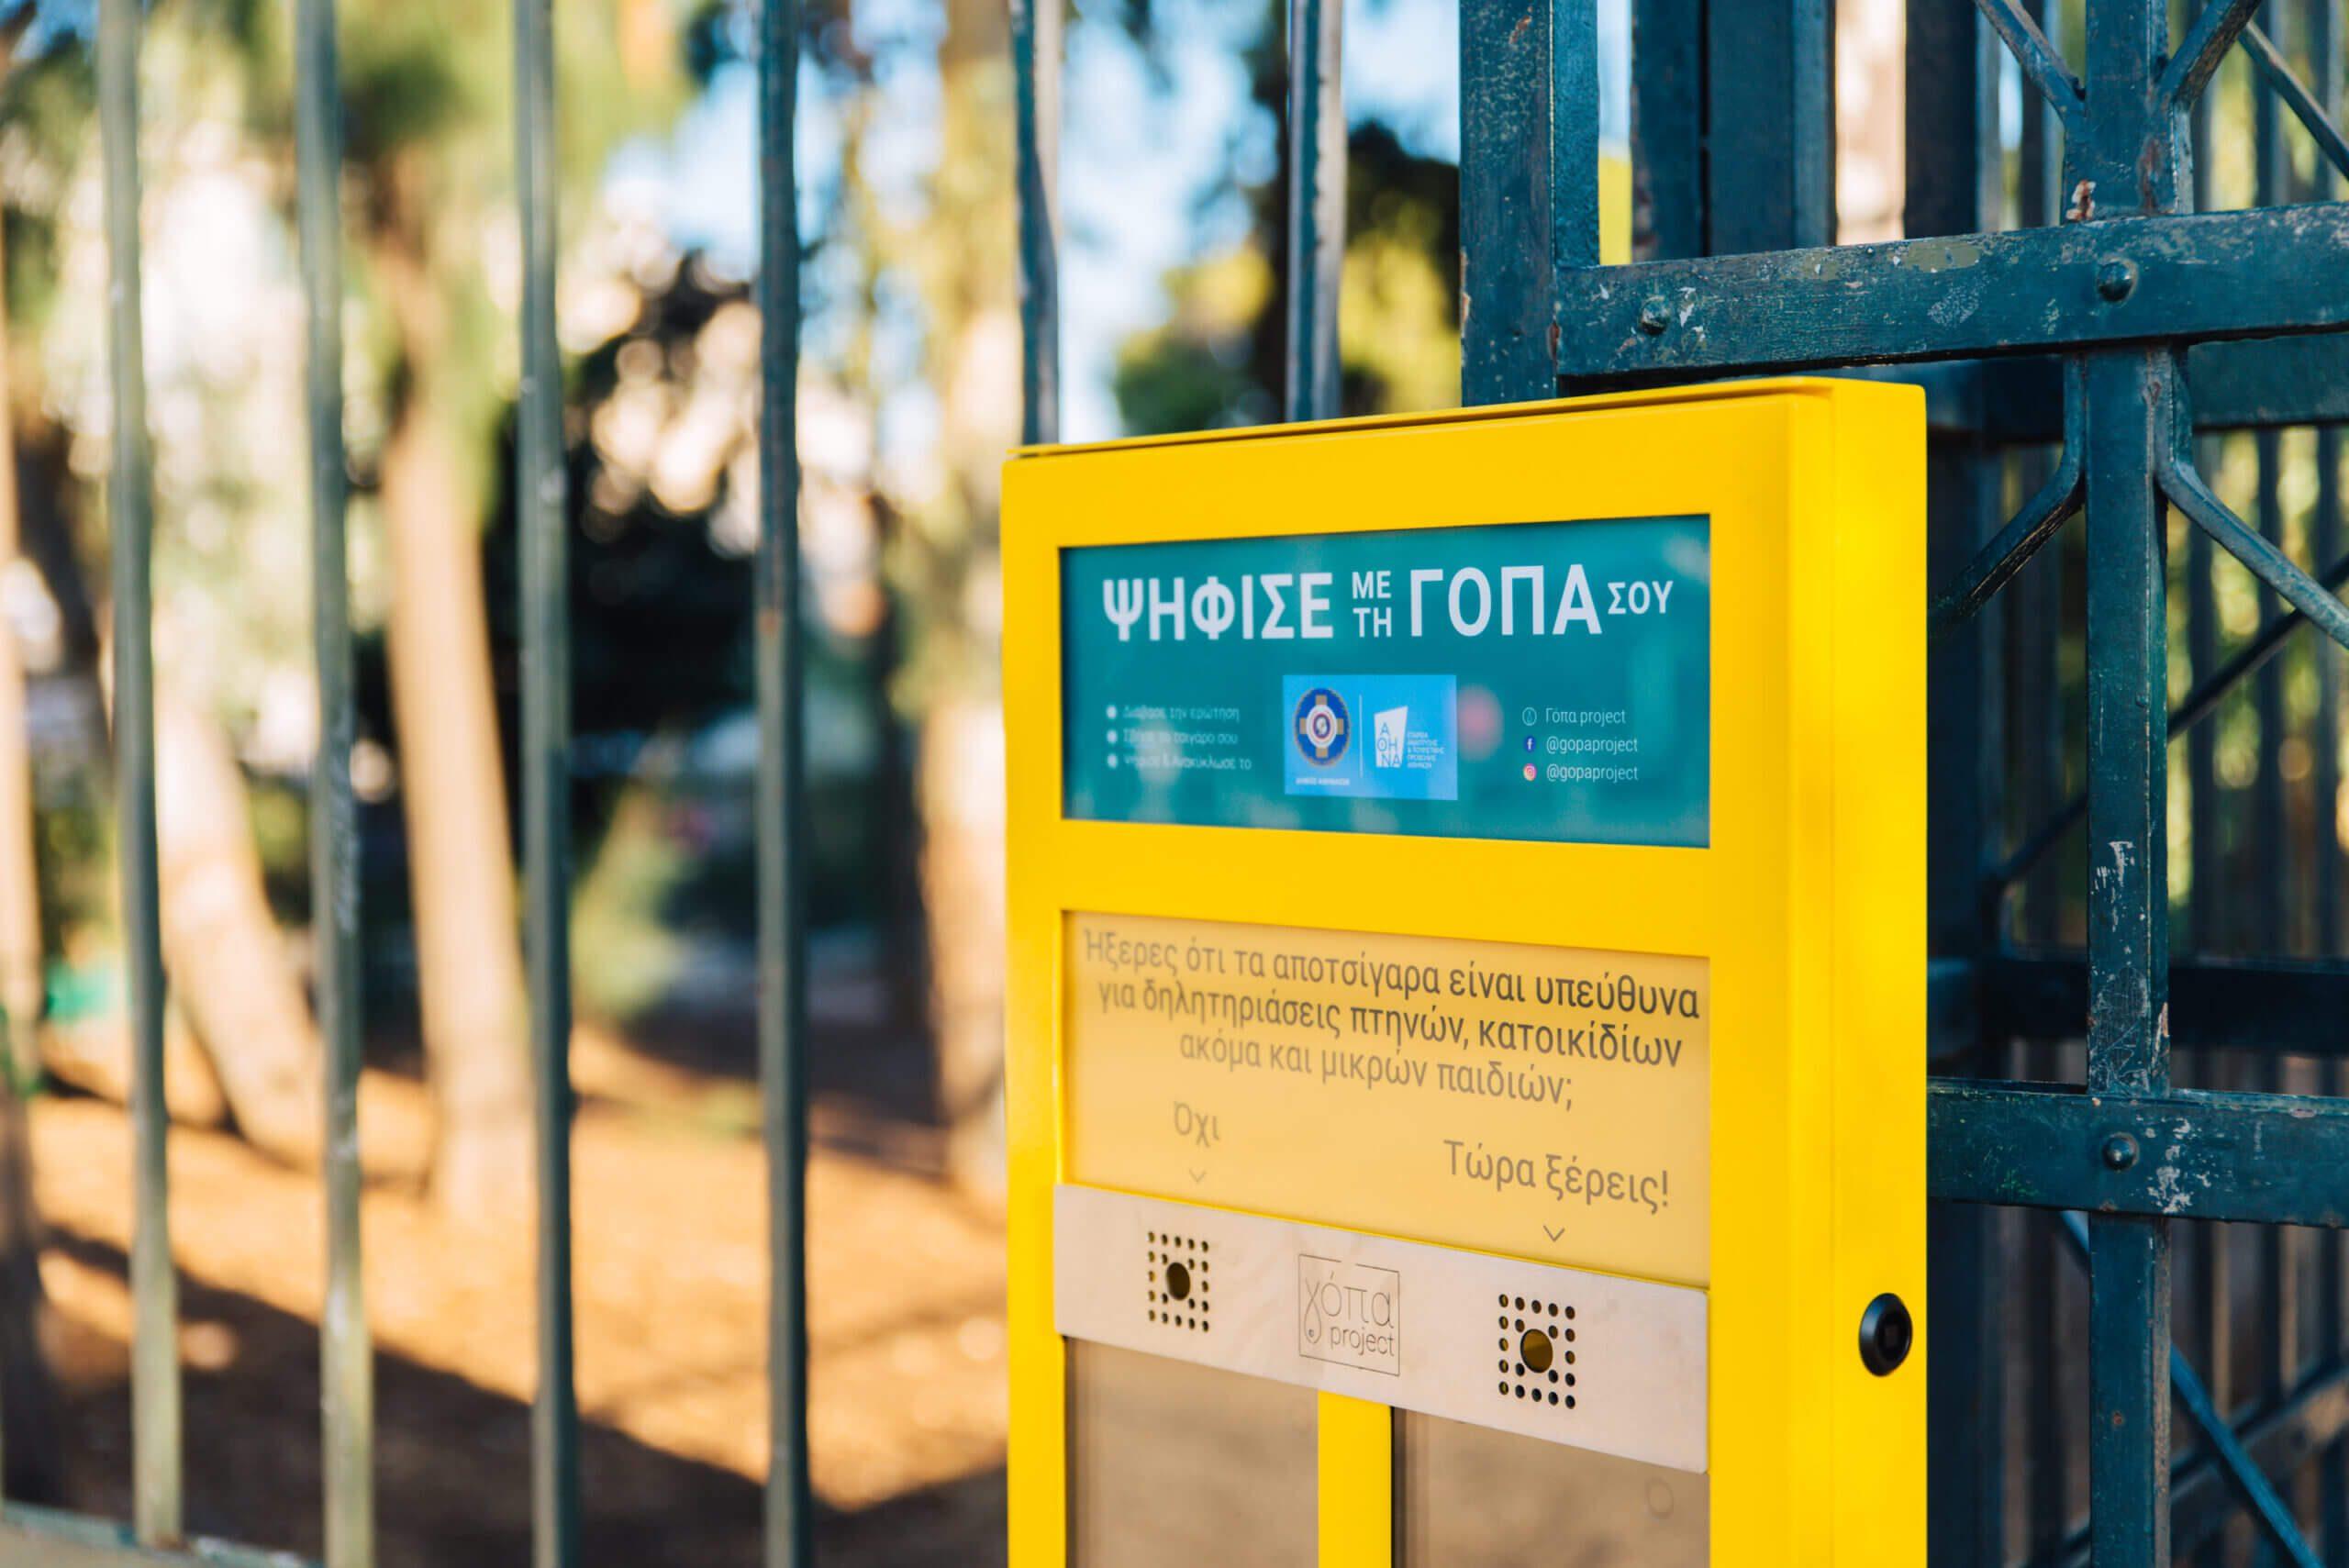 Δήμος Αθηναίων: To «Γόπα project» επεκτείνεται στις γειτονιές της Αθήνας